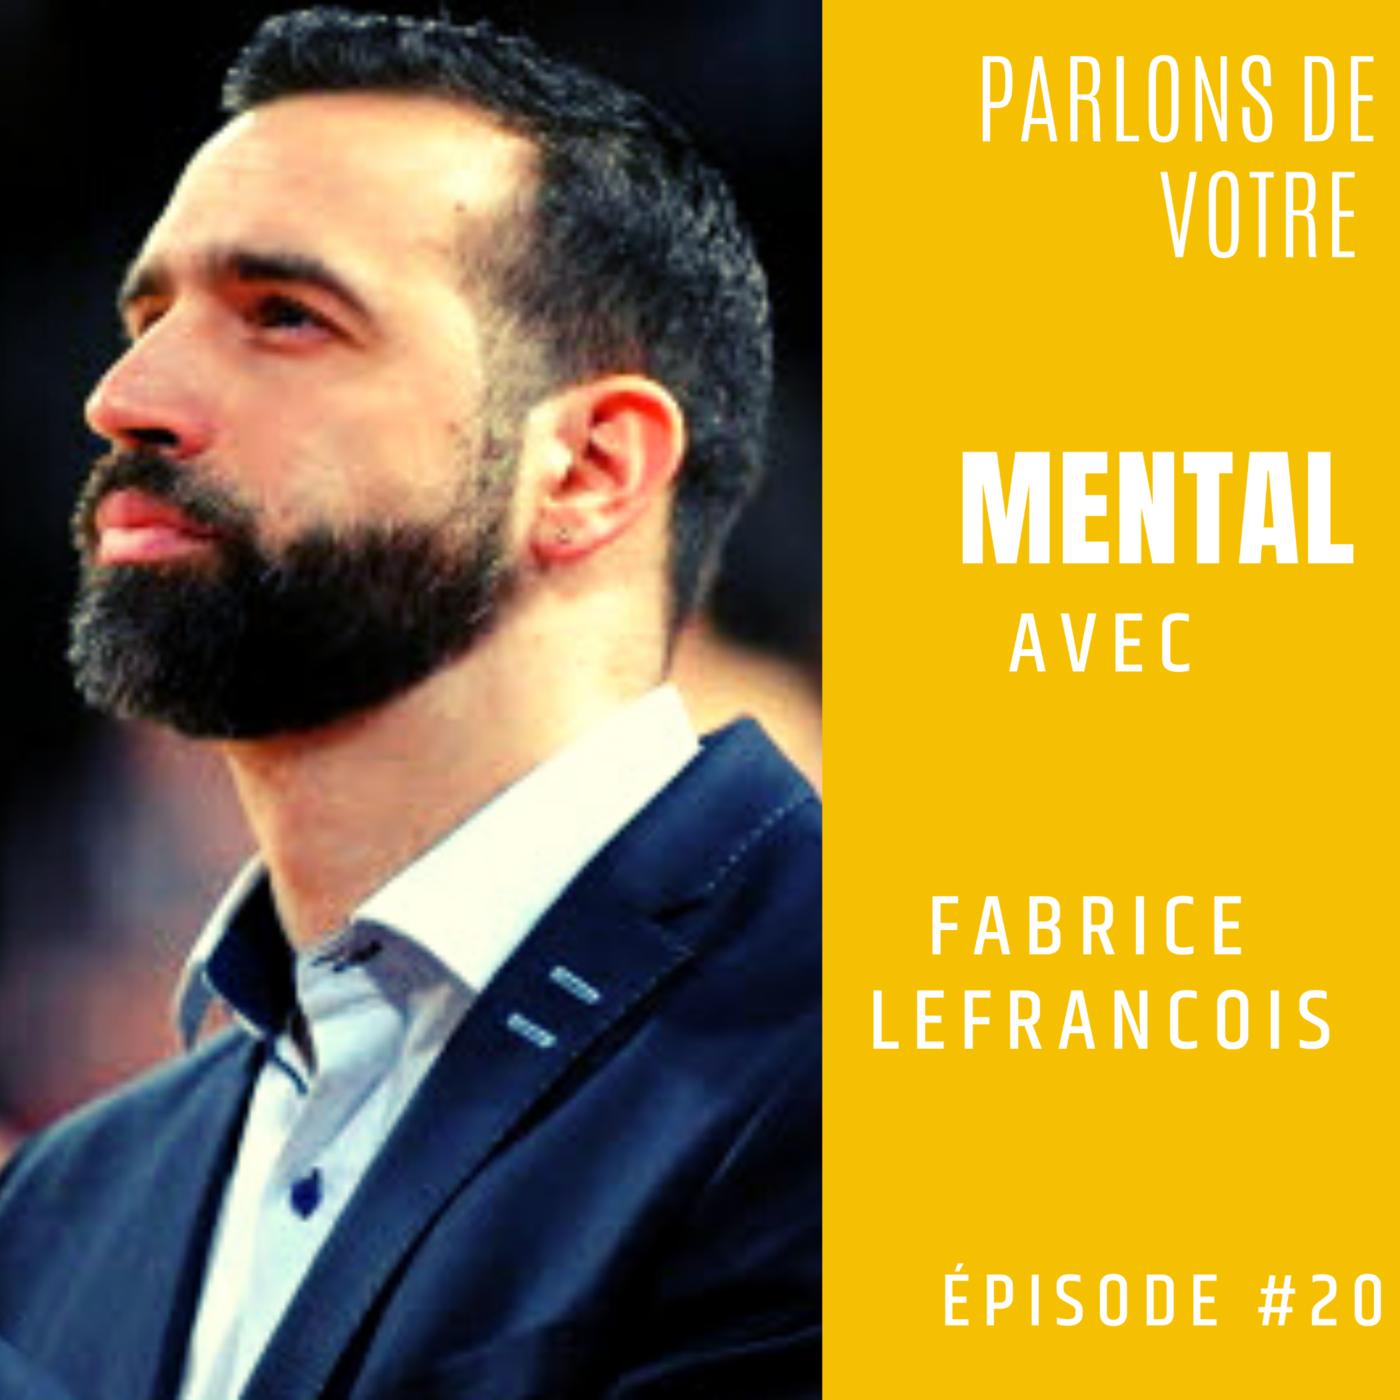 Fabrice LEFRANCOIS - Entraîneur de basket & Directeur FAB 5 CAMP